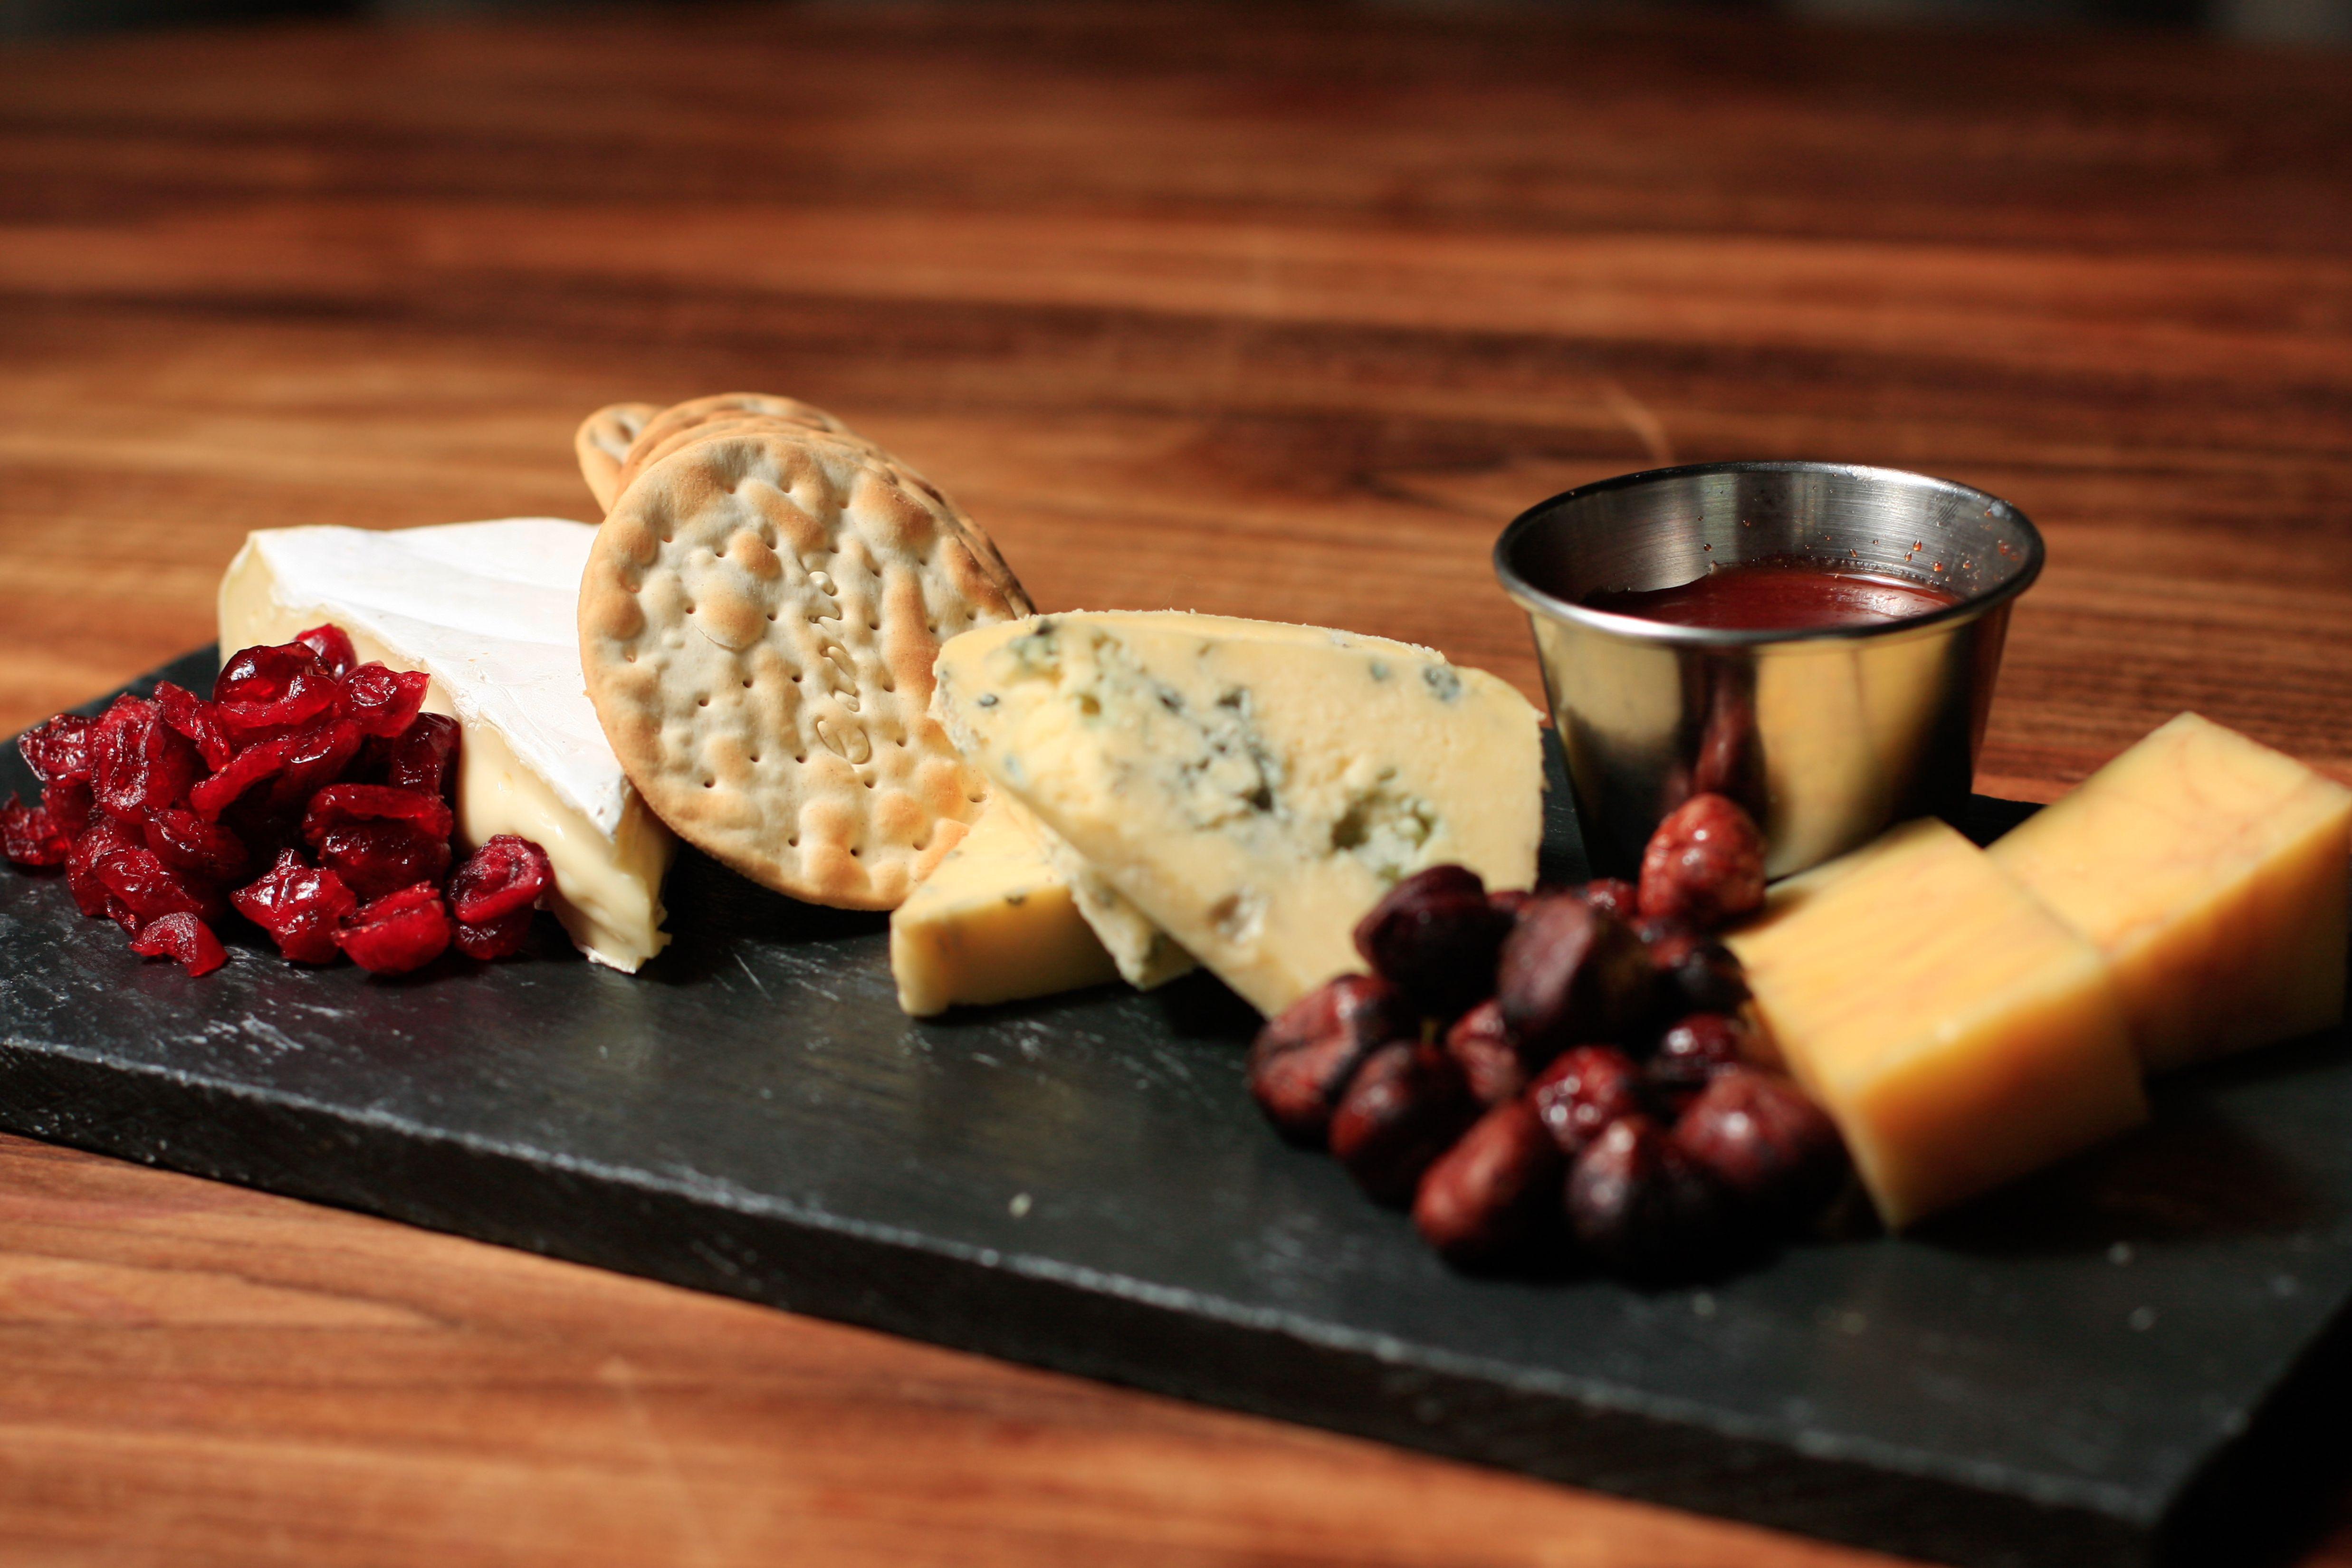 Gourmet Cheese Plate @Black Rock Resort & Gourmet Cheese Plate @Black Rock Resort | Fetch Restaurant u0026 Float ...